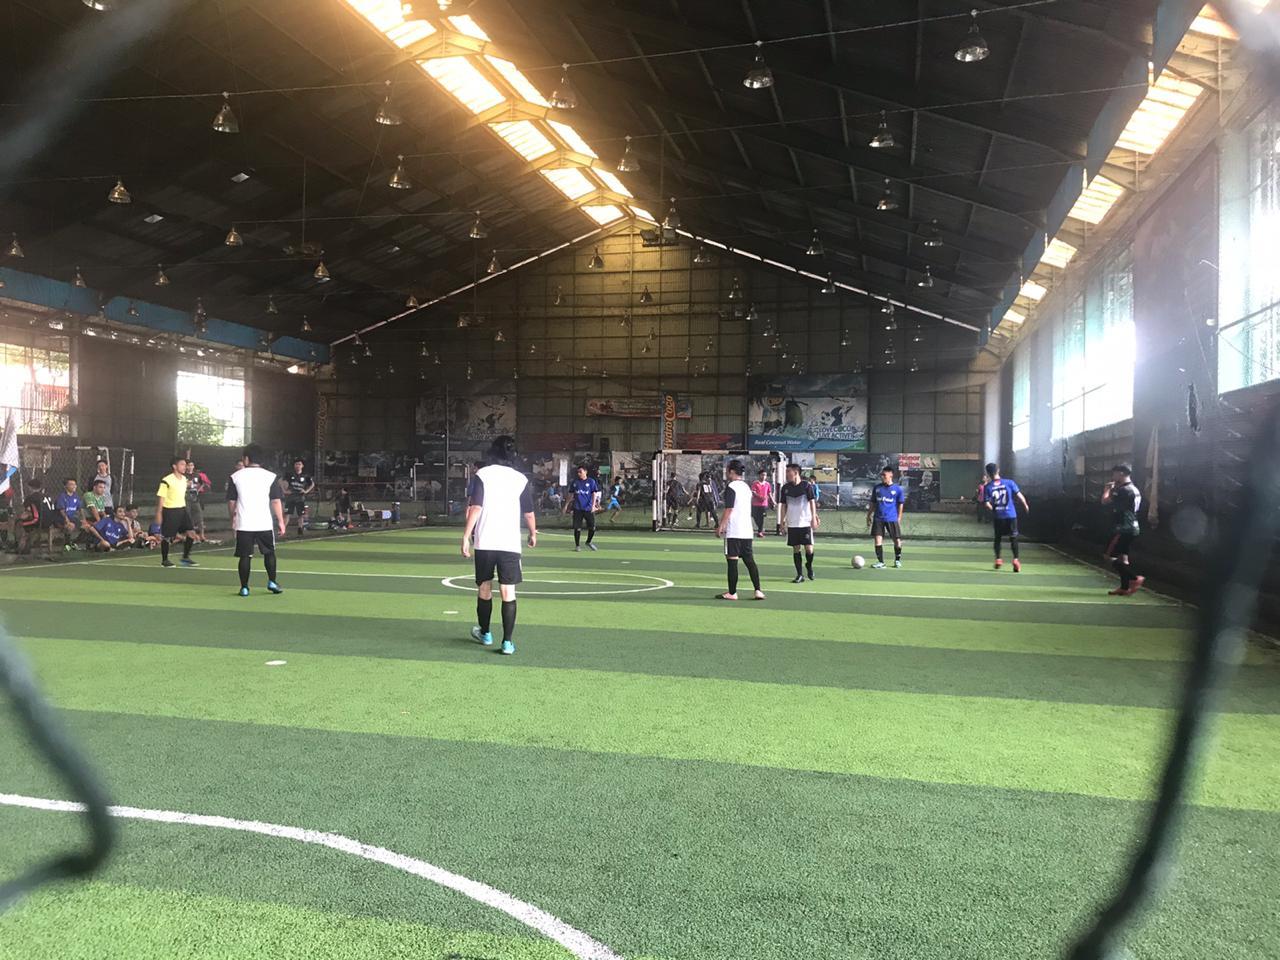 Mempererat Kekeluargaan, Mahasiswa asal Sanggau di Malang Selenggarakan Turnamen Futsal Antar kecamatan